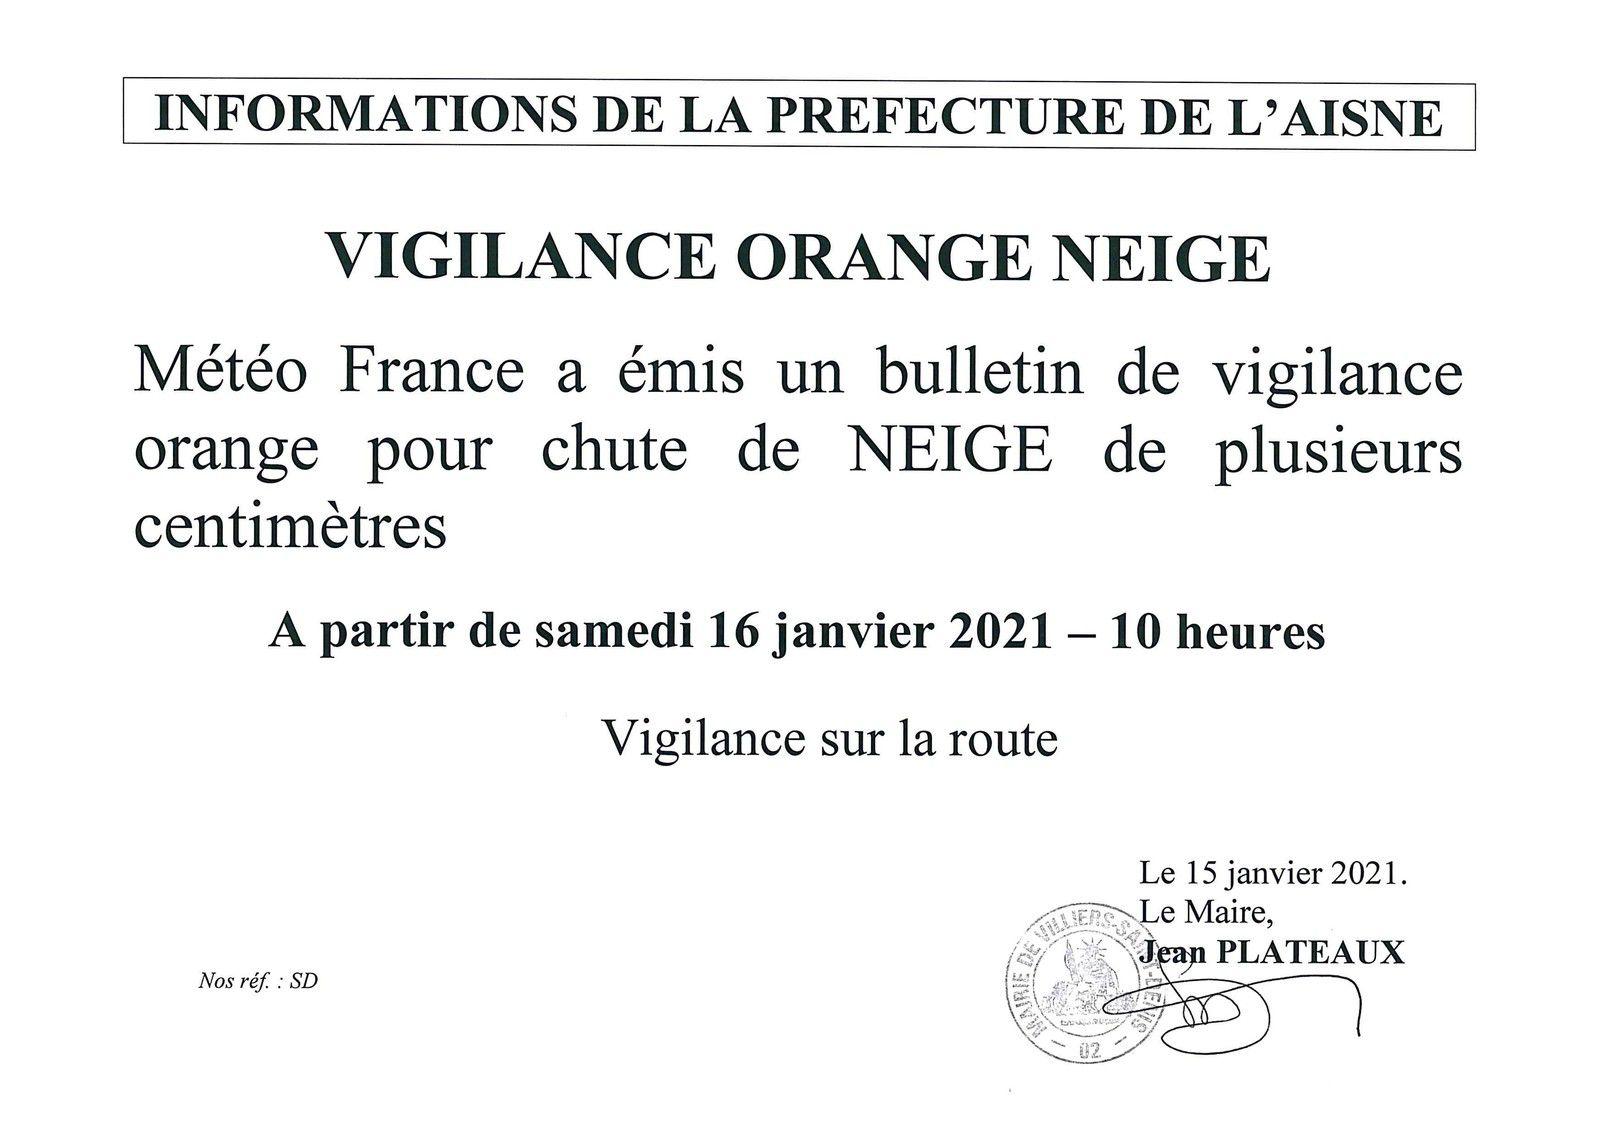 Vigilance météo 16 janvier 2021